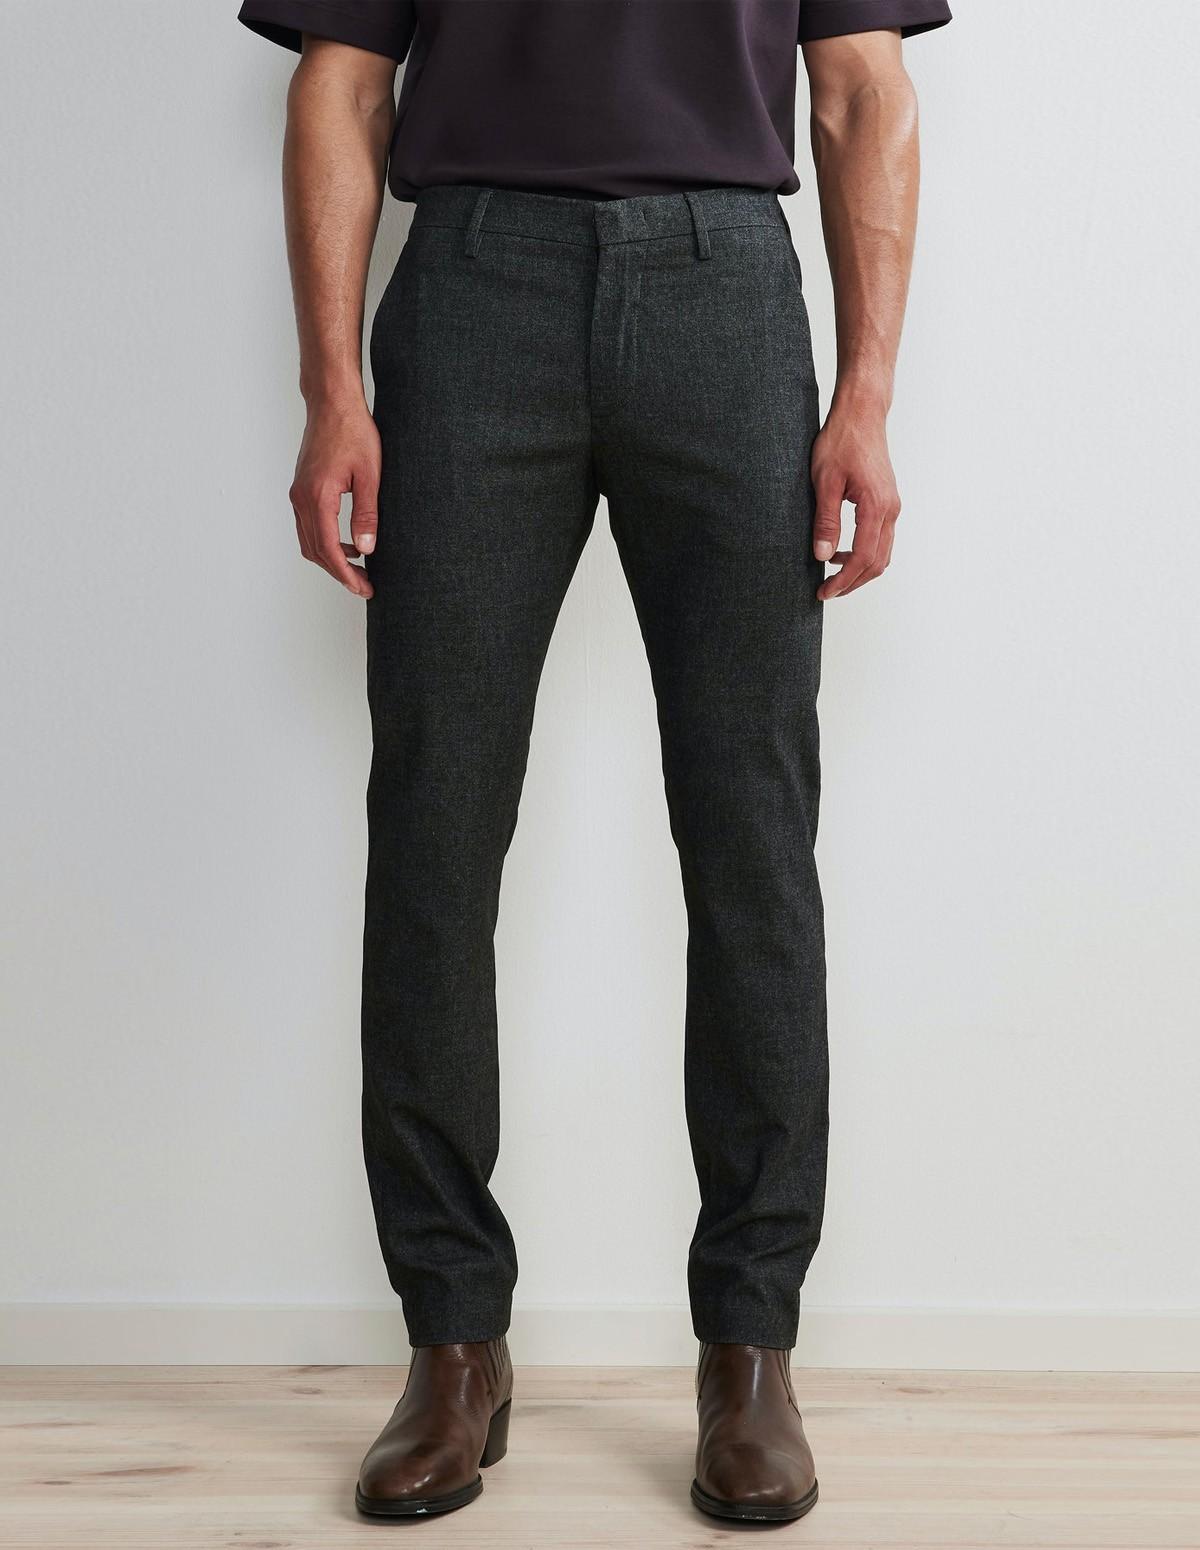 Nn07 Theo 1393 Pants - 999 BLACK